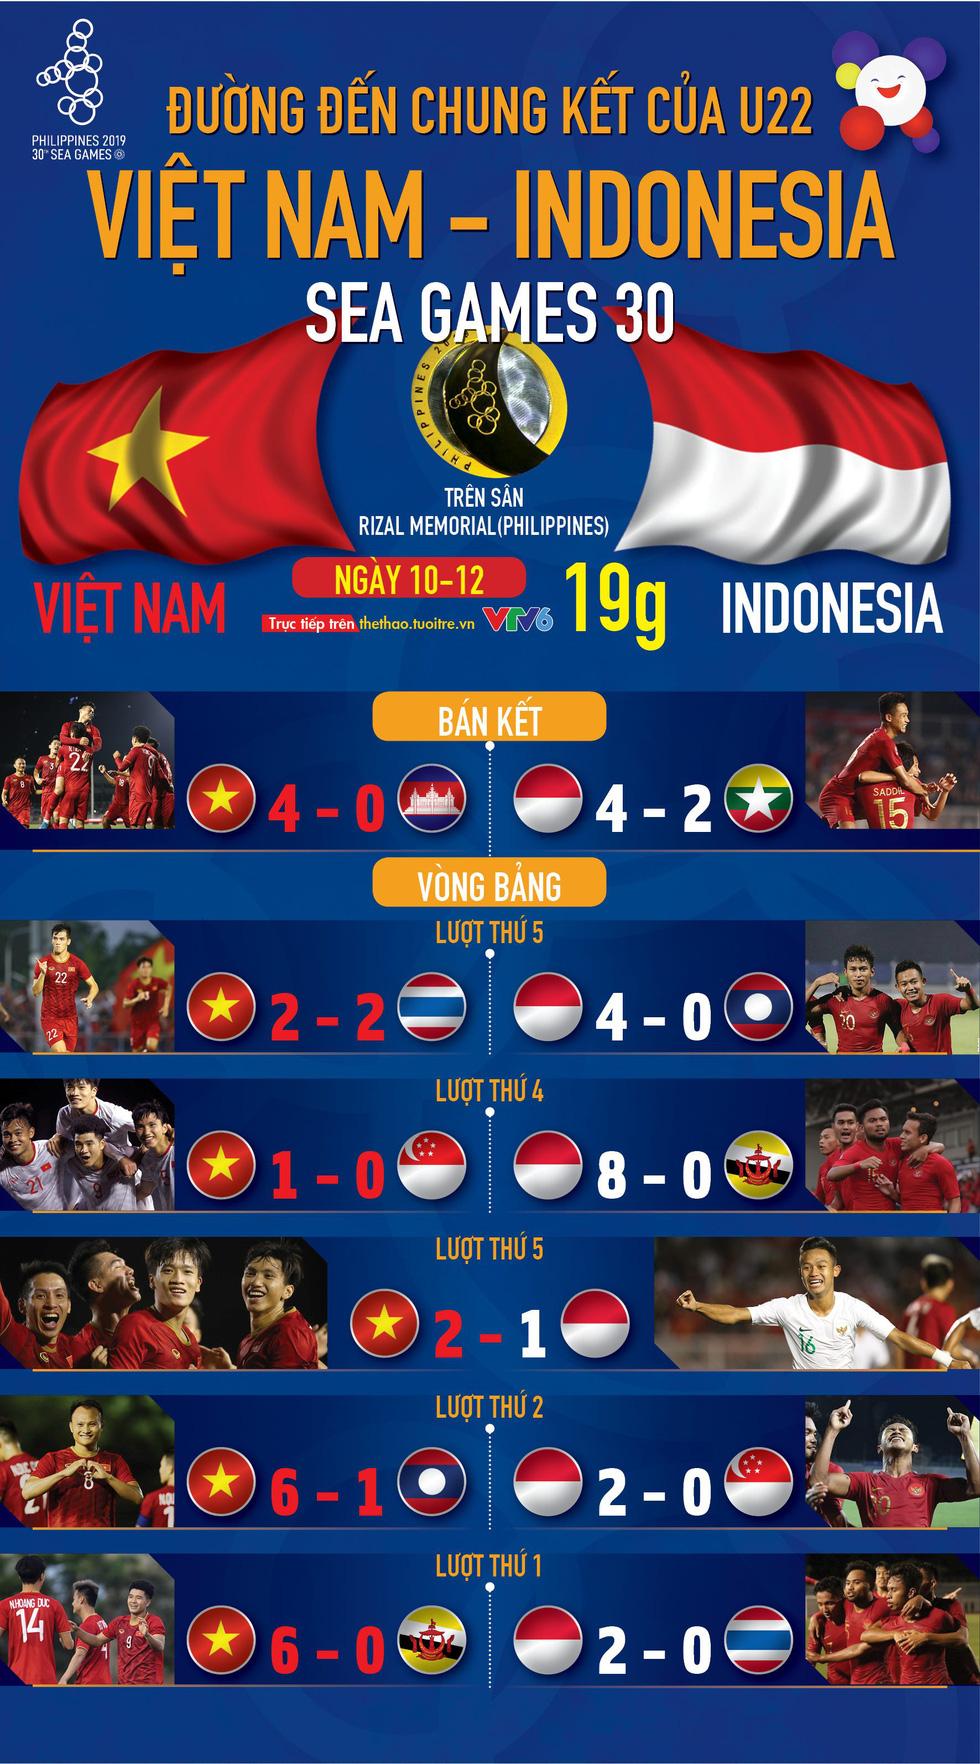 Hành trình vào chung kết SEA Games 2019 của U22 Việt Nam và Indonesia - Ảnh 1.